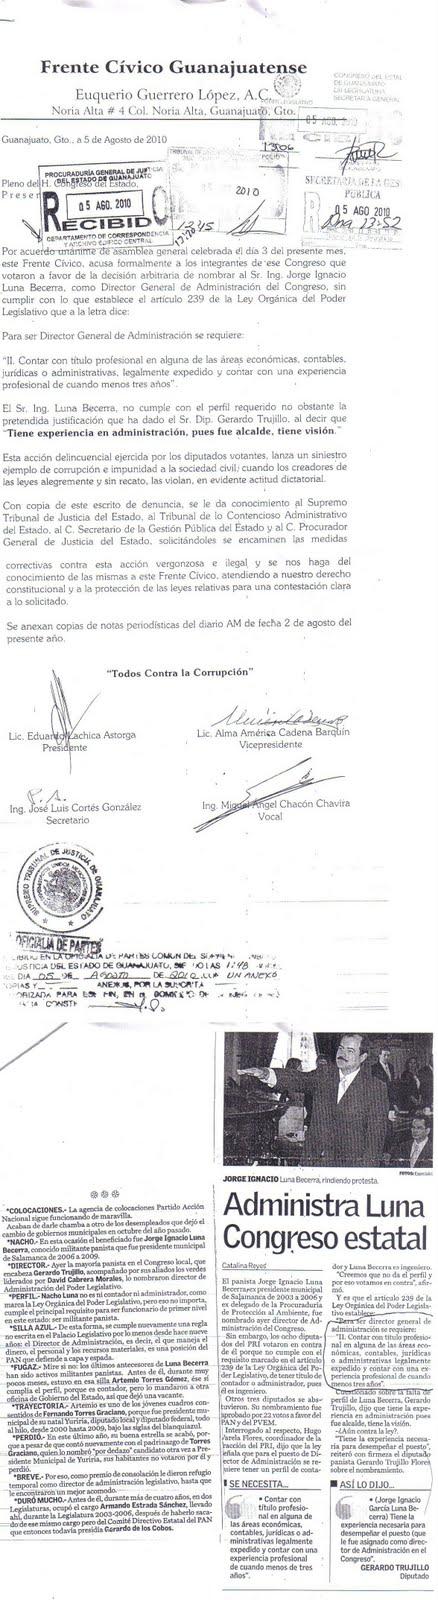 Luna Becerra Director General de Administración Nicéforo Guerrero Reynoso Guanajuato Frente Cívico